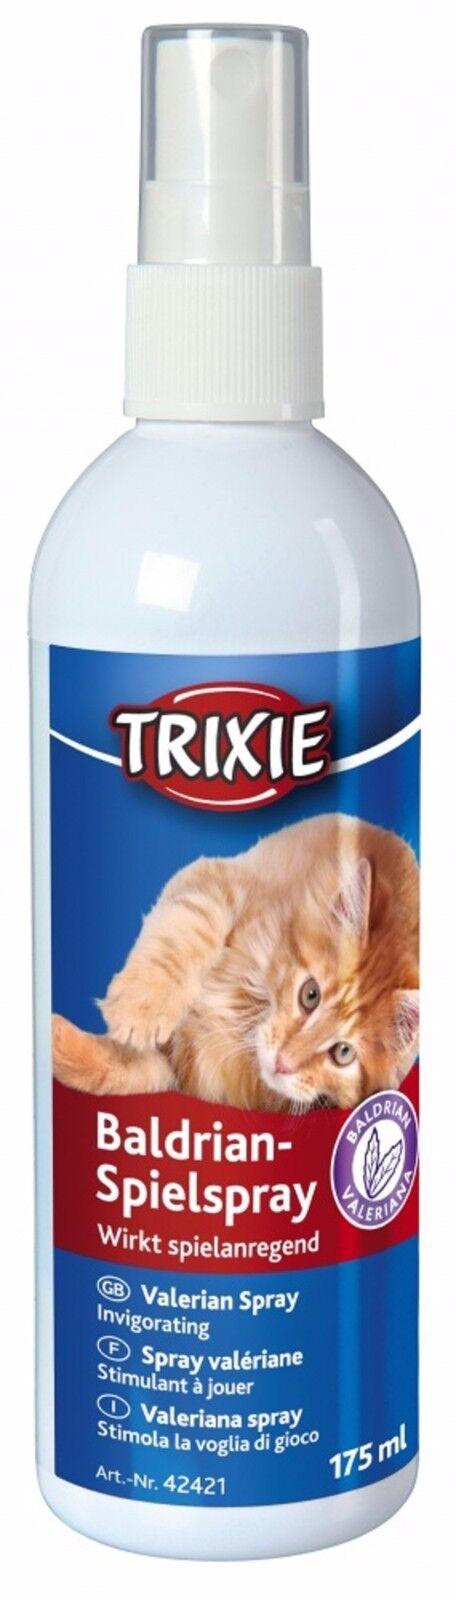 Trixie Baldrian- Spielspray für Katzen